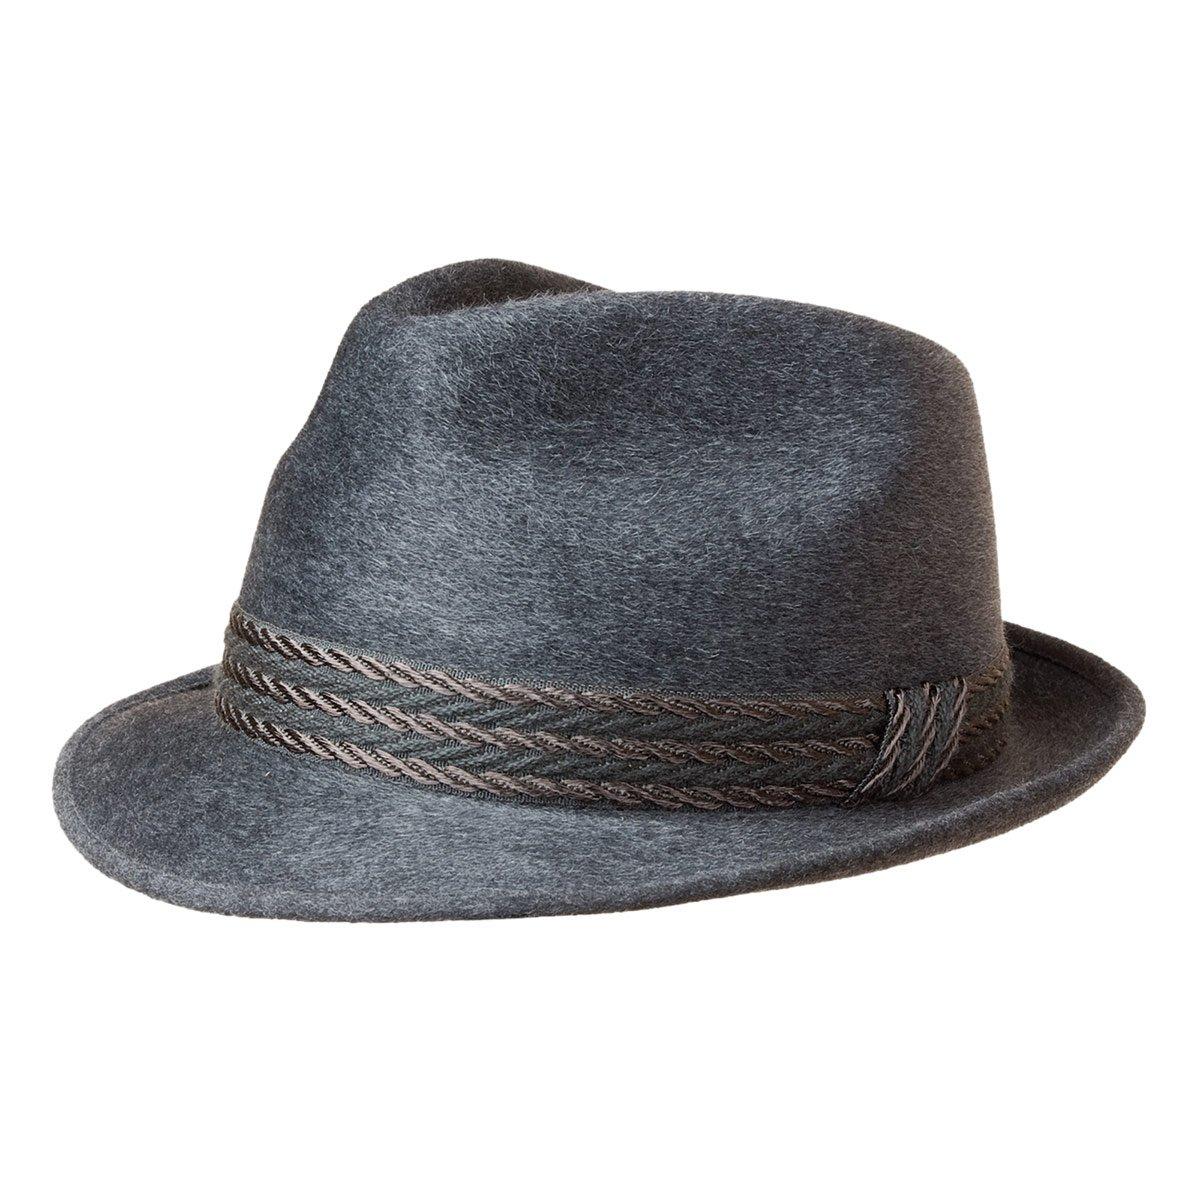 Cappello festivo di feltro lana firmato Hutter 8d5cf46cfaad